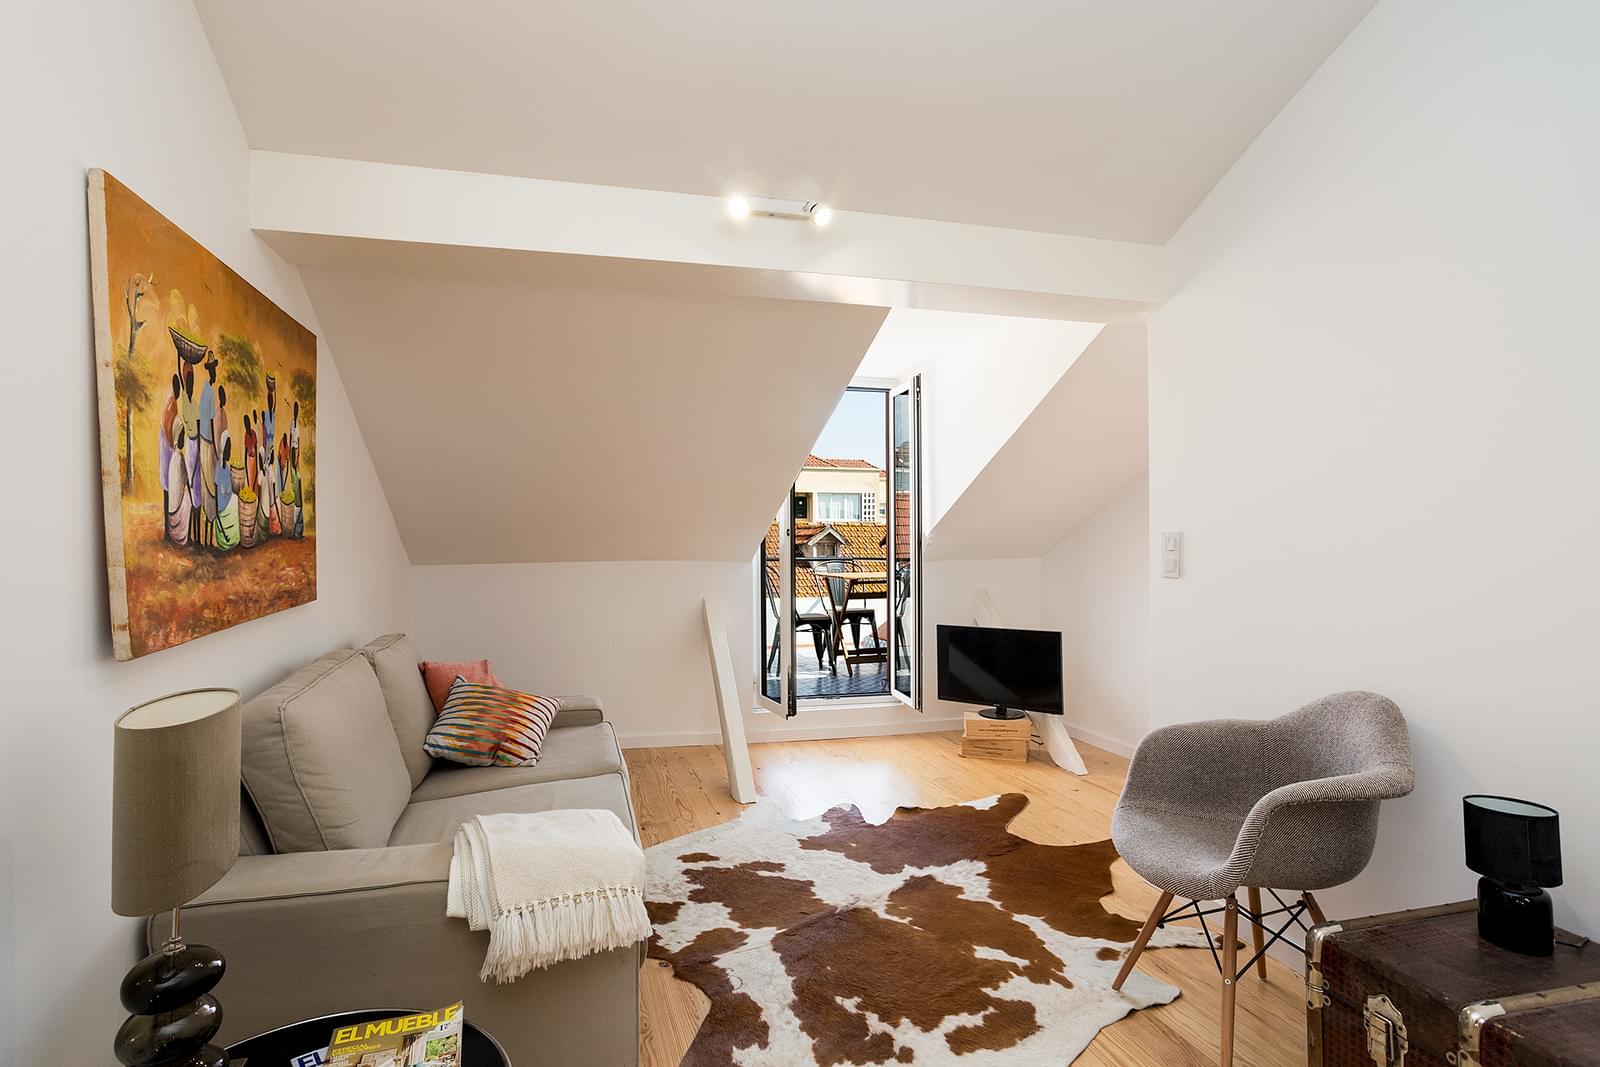 pf17273-apartamento-t2-lisboa-db12e1ab-9cc9-4dea-98c5-398d14dcd876